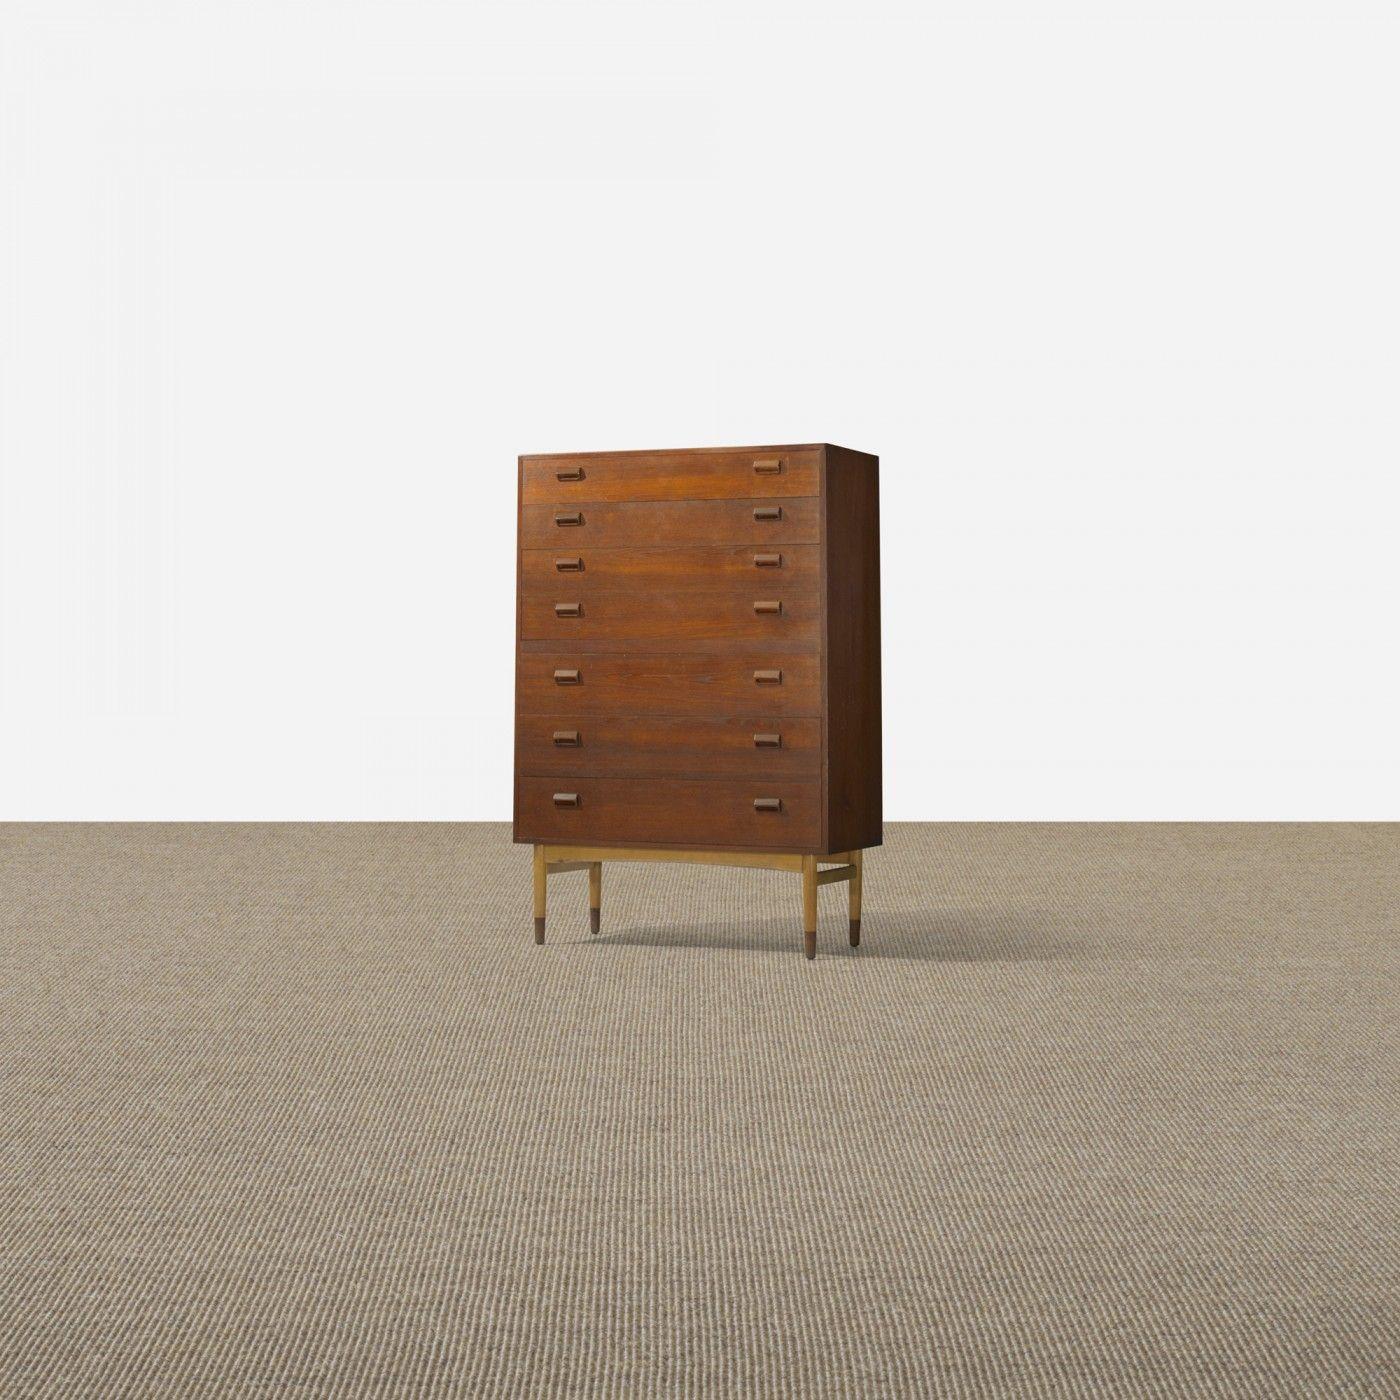 Børge Mogensen, cabinet, Søborg MøbelfabrikDenmark, 1951teak, birch39.25 w x 18.75 d x 57.25 h inches, s5.9